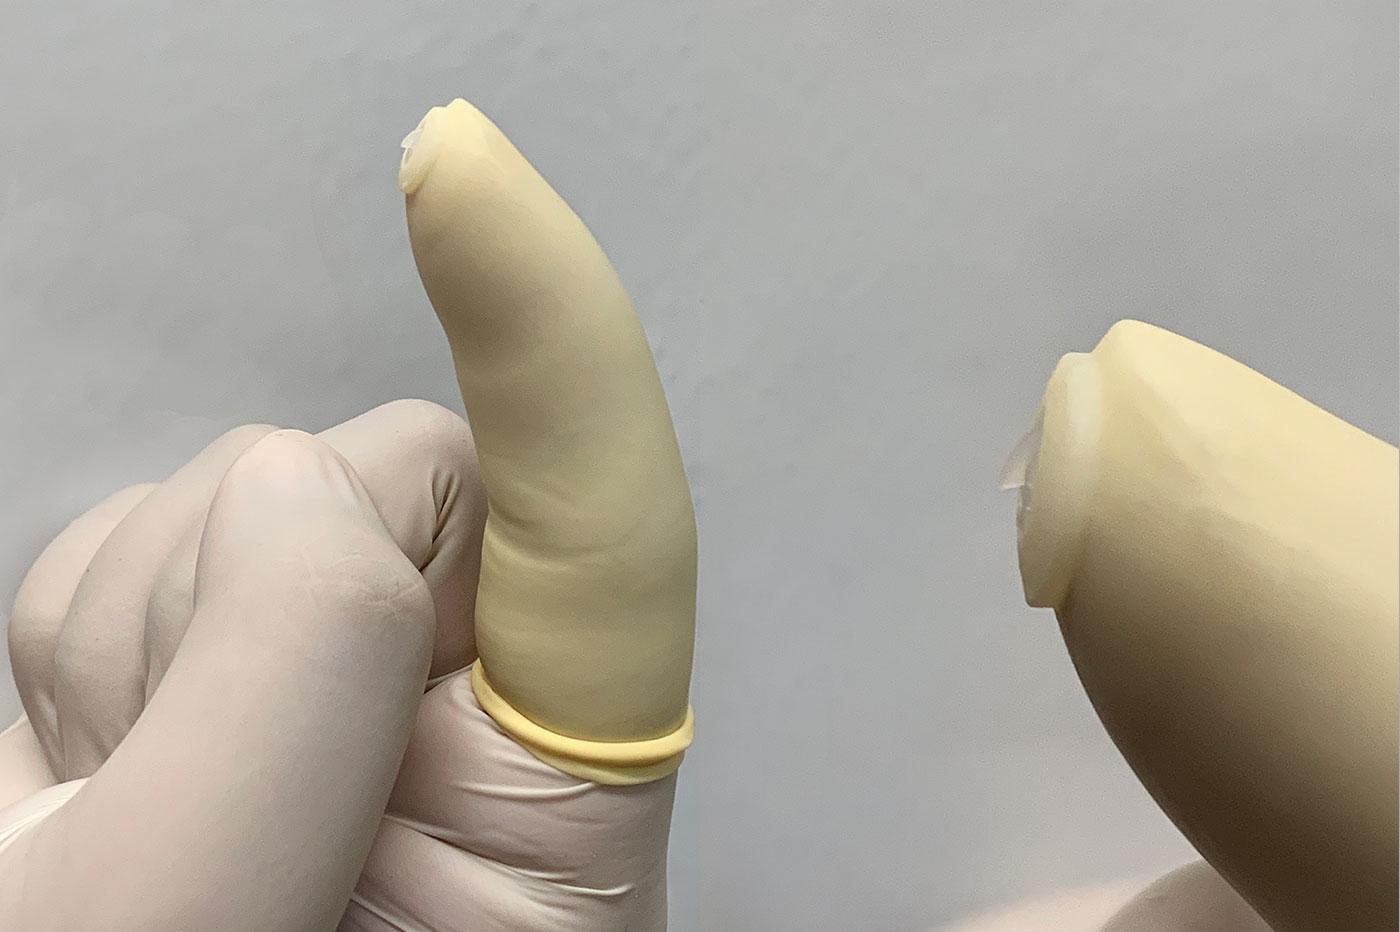 Amnicot-Hand-plastic-hook